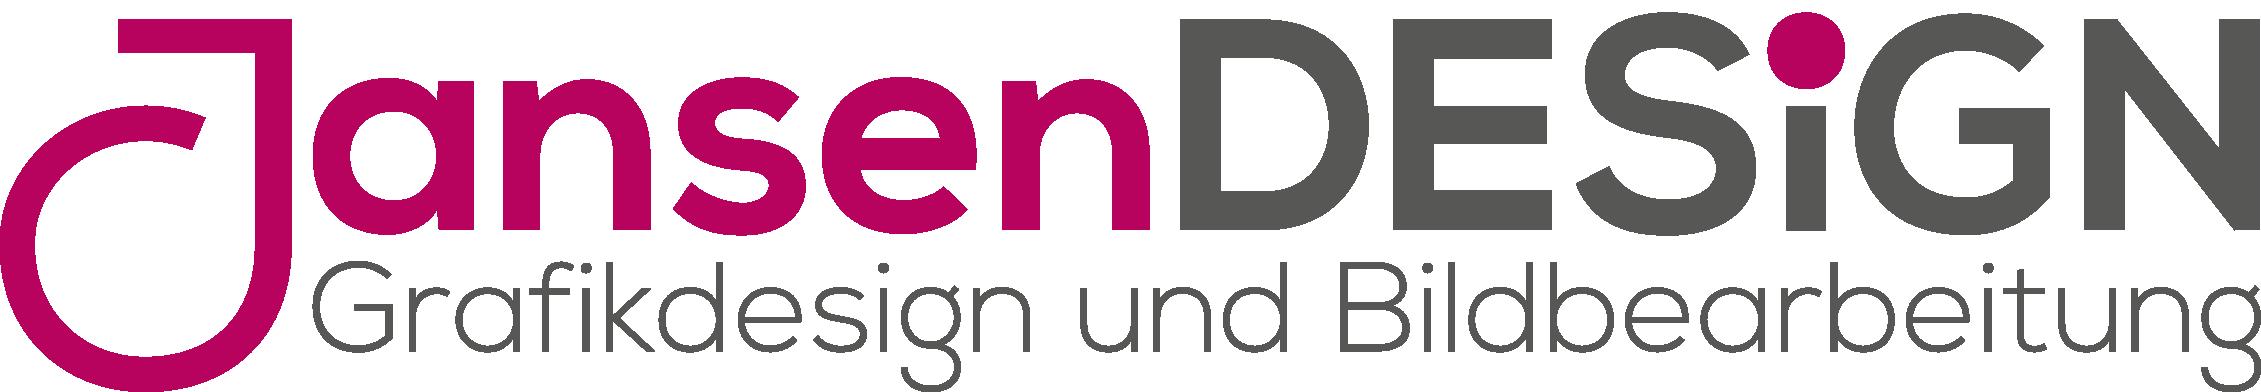 Jansen Design - Grafikdesign und Bildbearbeitung